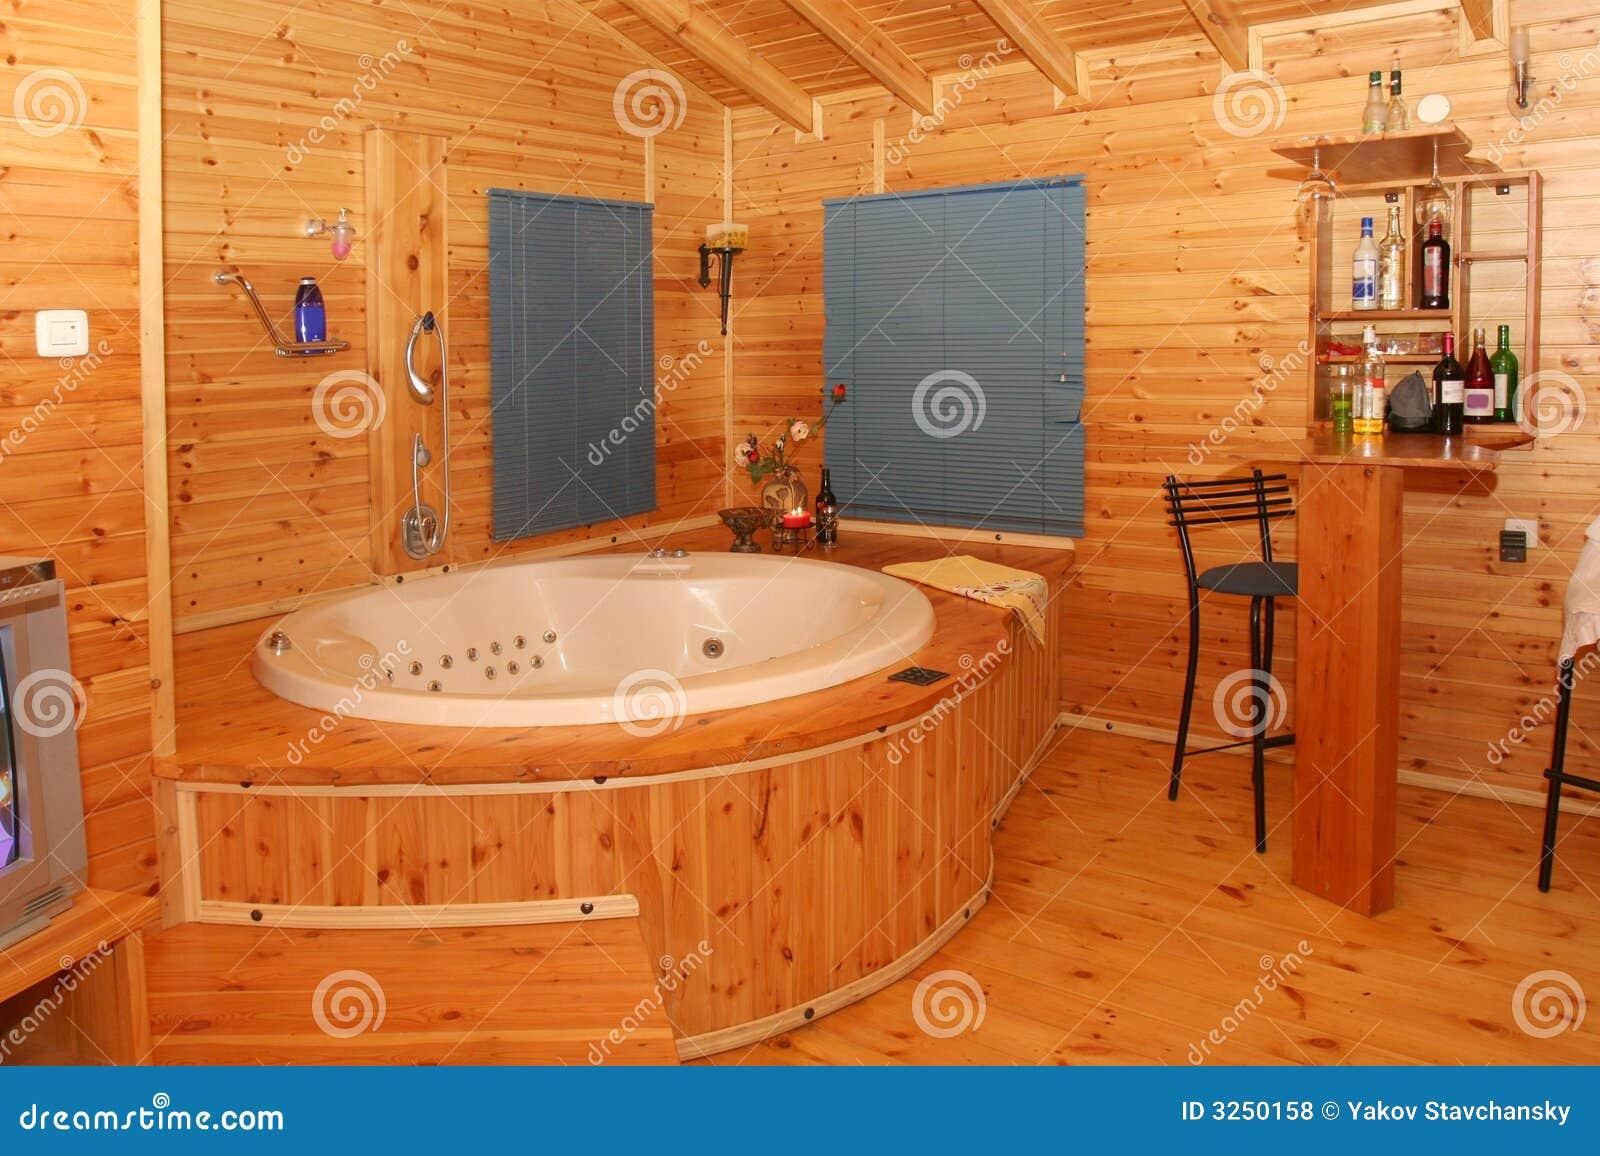 Русские в ванной 2 фотография